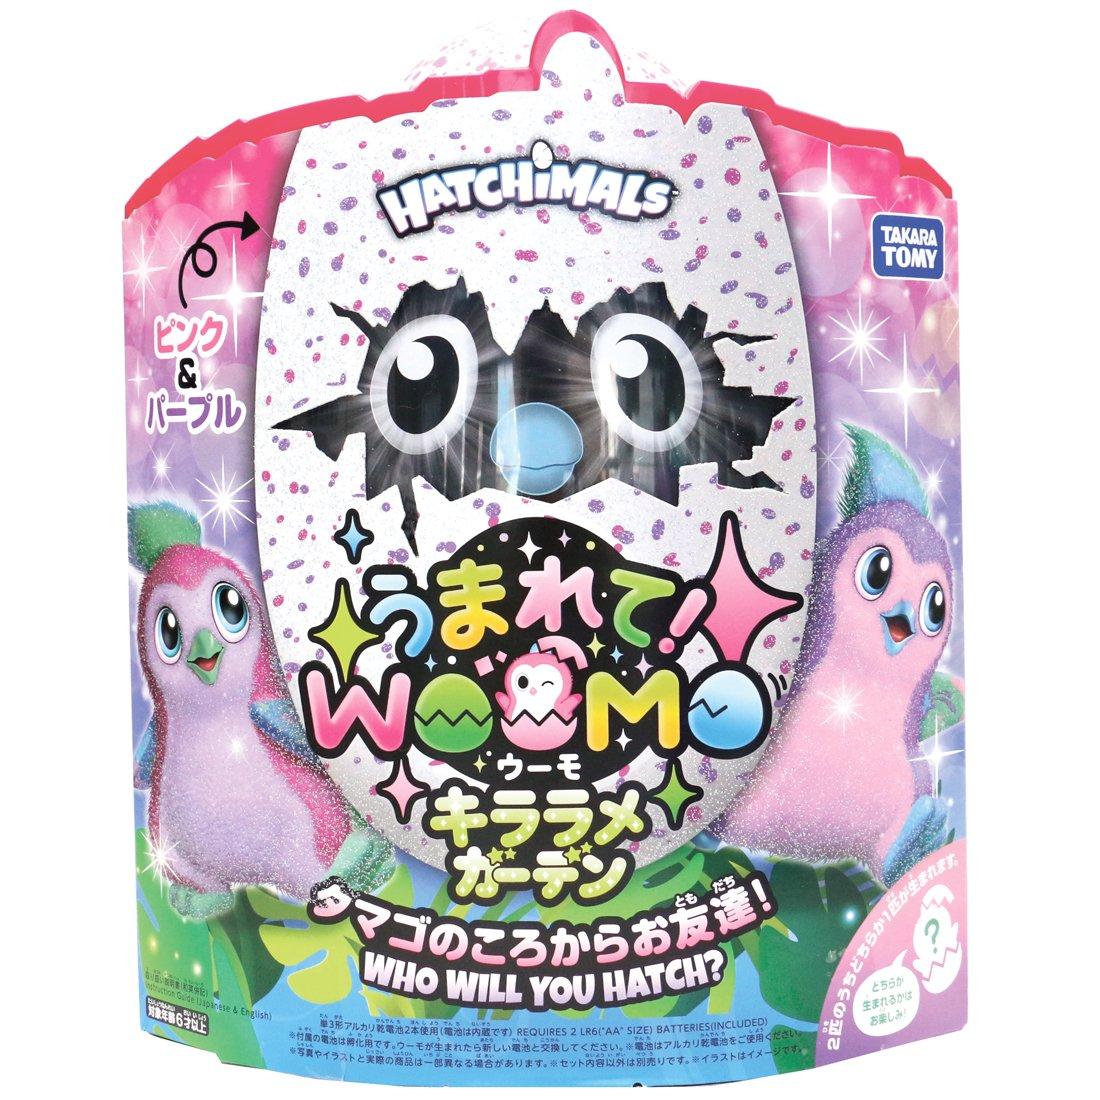 うまれて! ウーモ キララメガーデン ピンク&パープル (HATCHIMALS) B072JF5RGZ